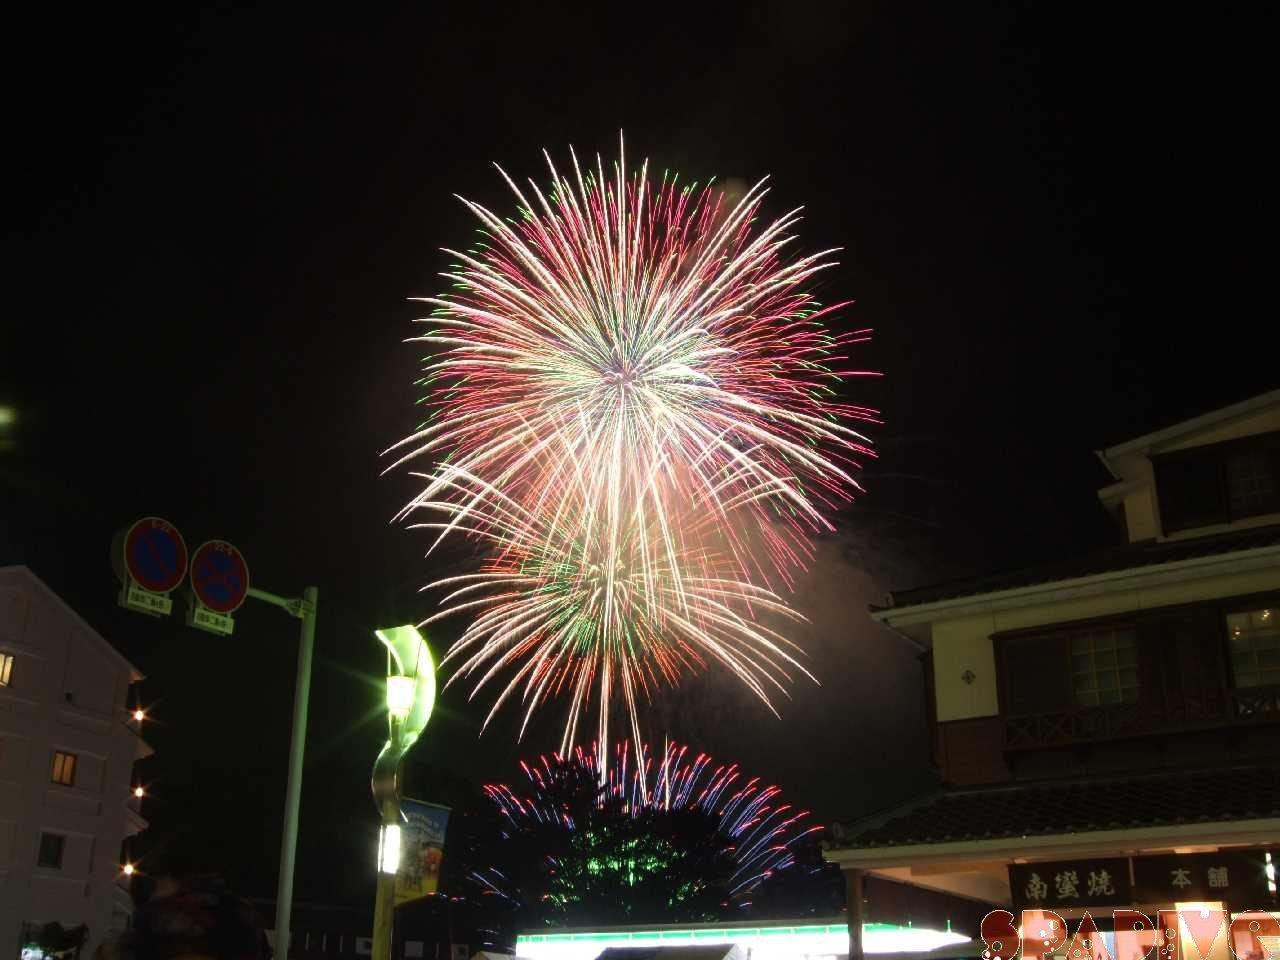 2009年白浜花火フェスティバル|7/30/2009